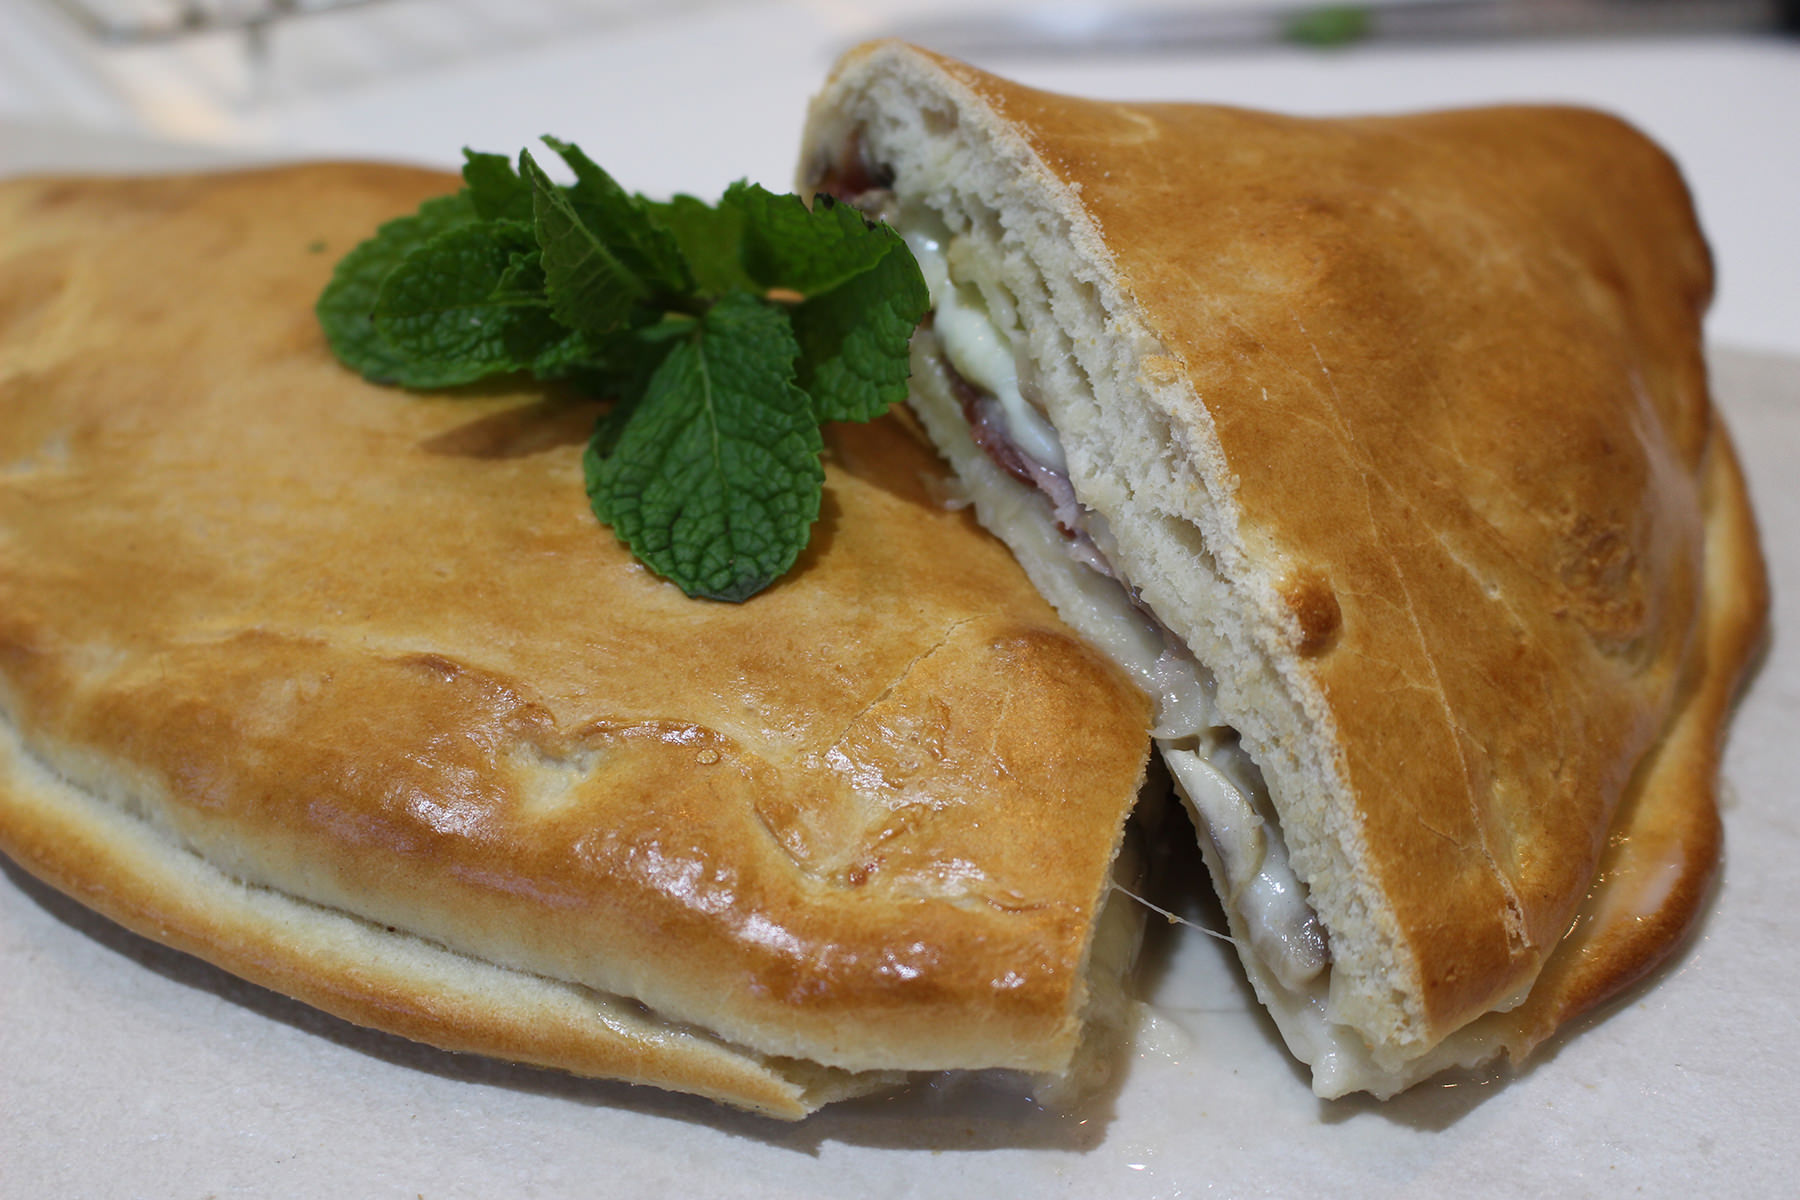 Cocina t cnicas express 2 escuela de cocina telva - Escuela cocina telva ...